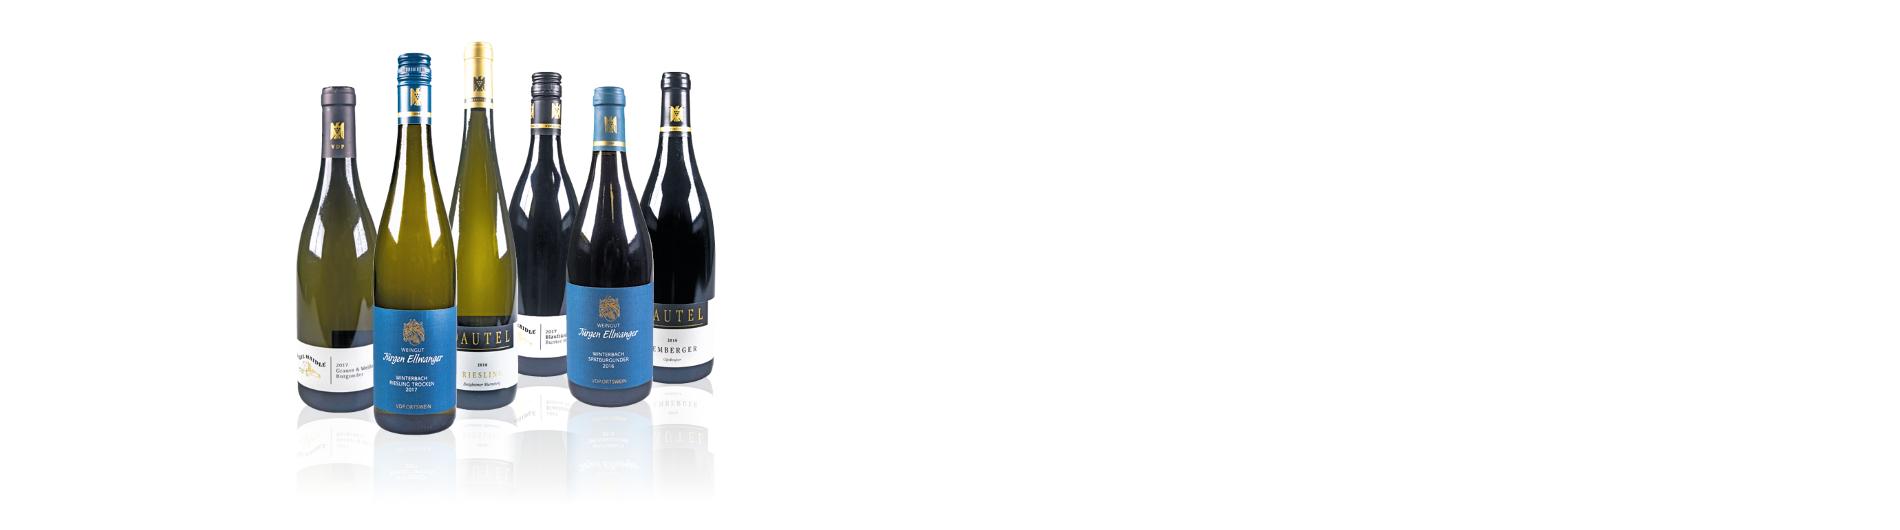 WESER-KURIER Wein-Edition Dekantasia